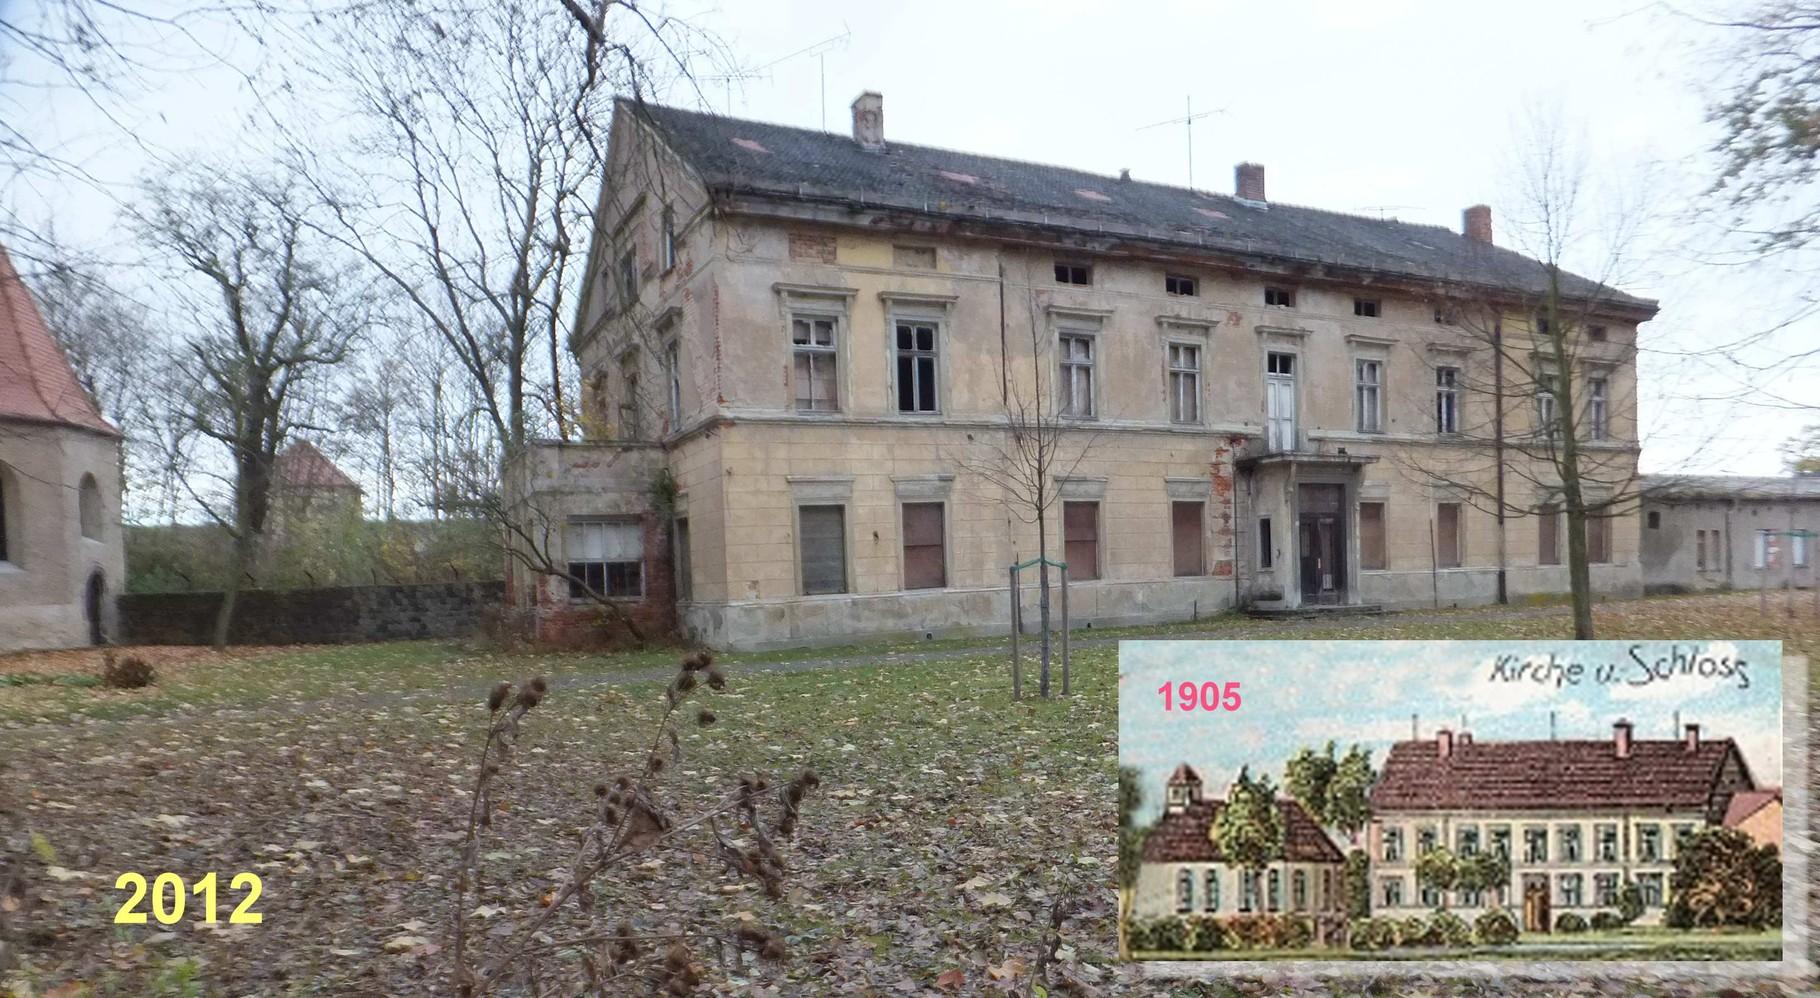 Falkenhain Minckwitz'sches Schloss einst und heute